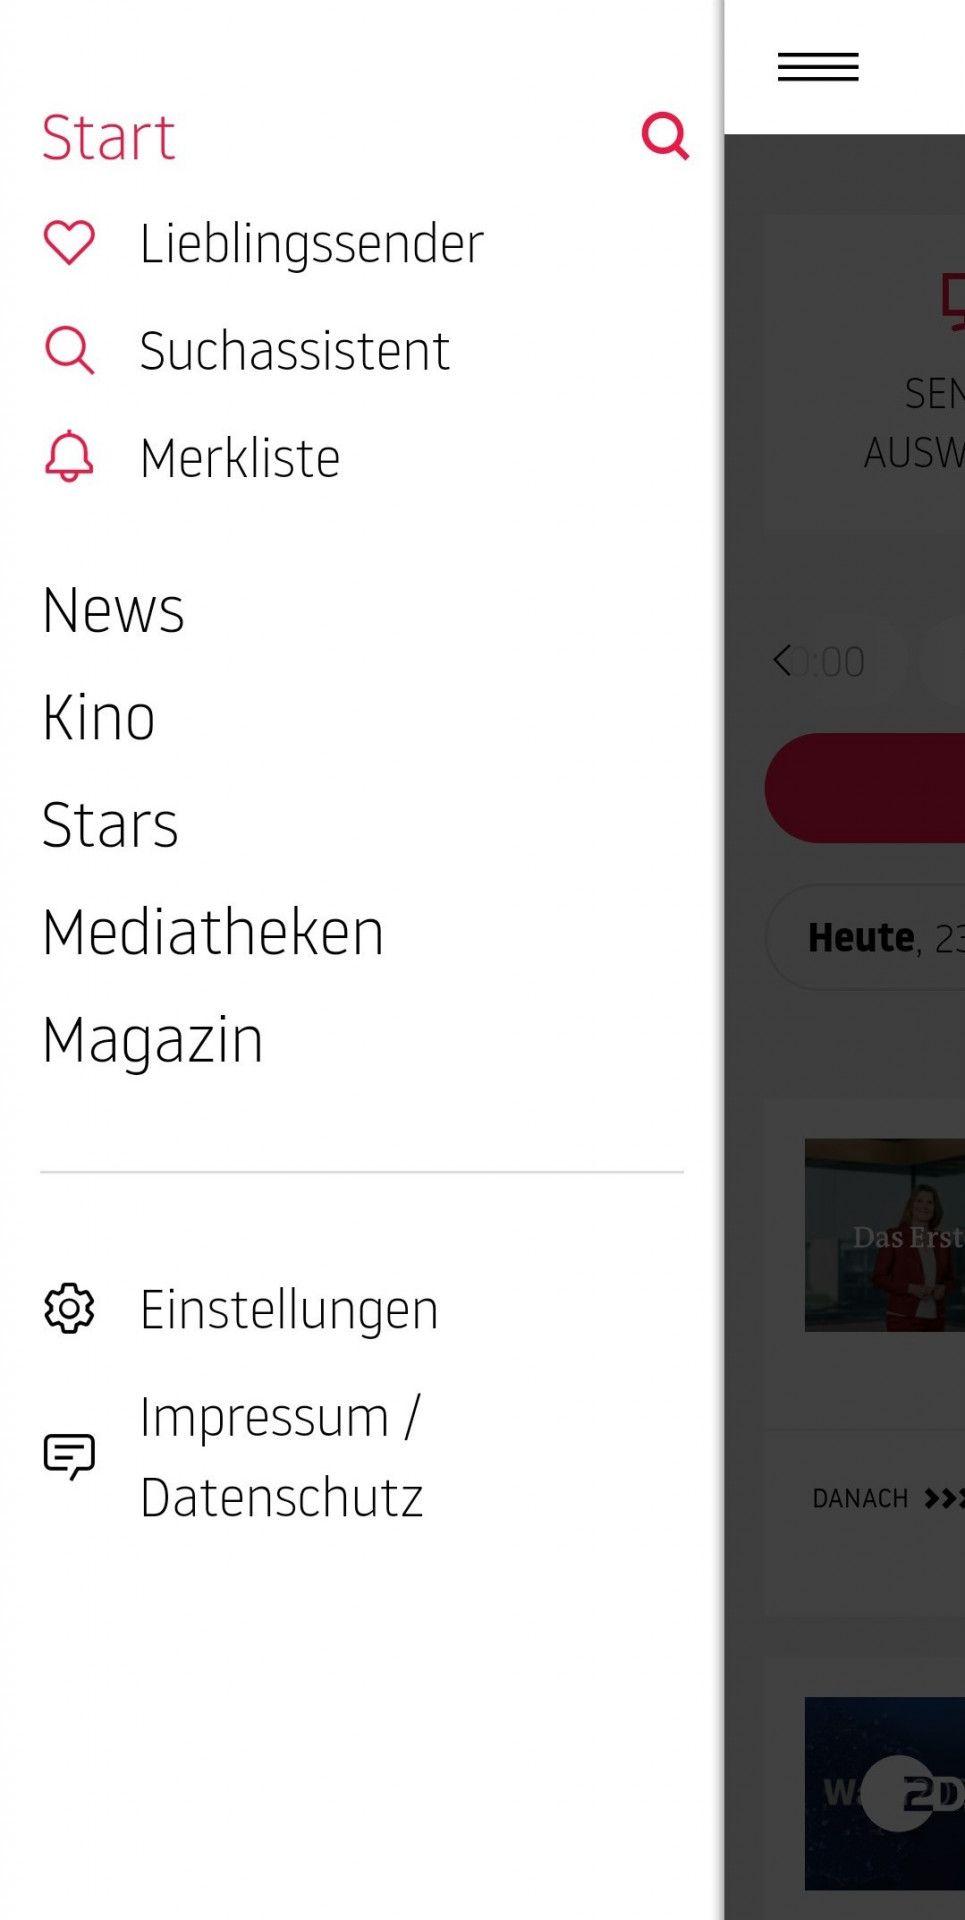 Das Themen-Menü der App lässt sich auf dem Smartphone bequem mit einem Klick öffnen oder auch ganz einfach von links nach rechts auf den Bildschirm ziehen.